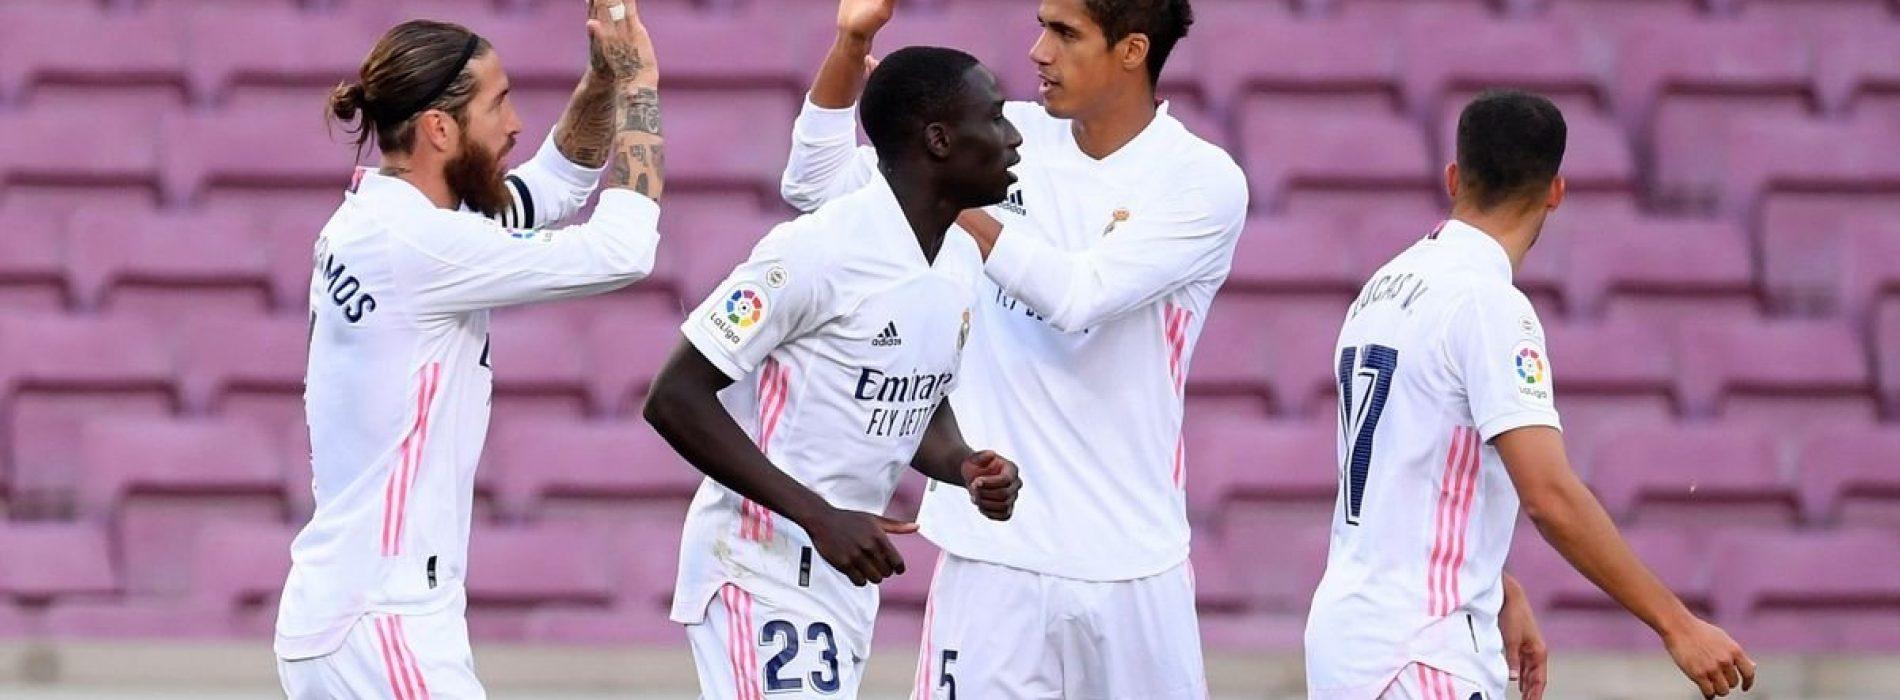 Barcellona-Real Madrid 1-3, Clasico è dei blancos: le parole di Zidane